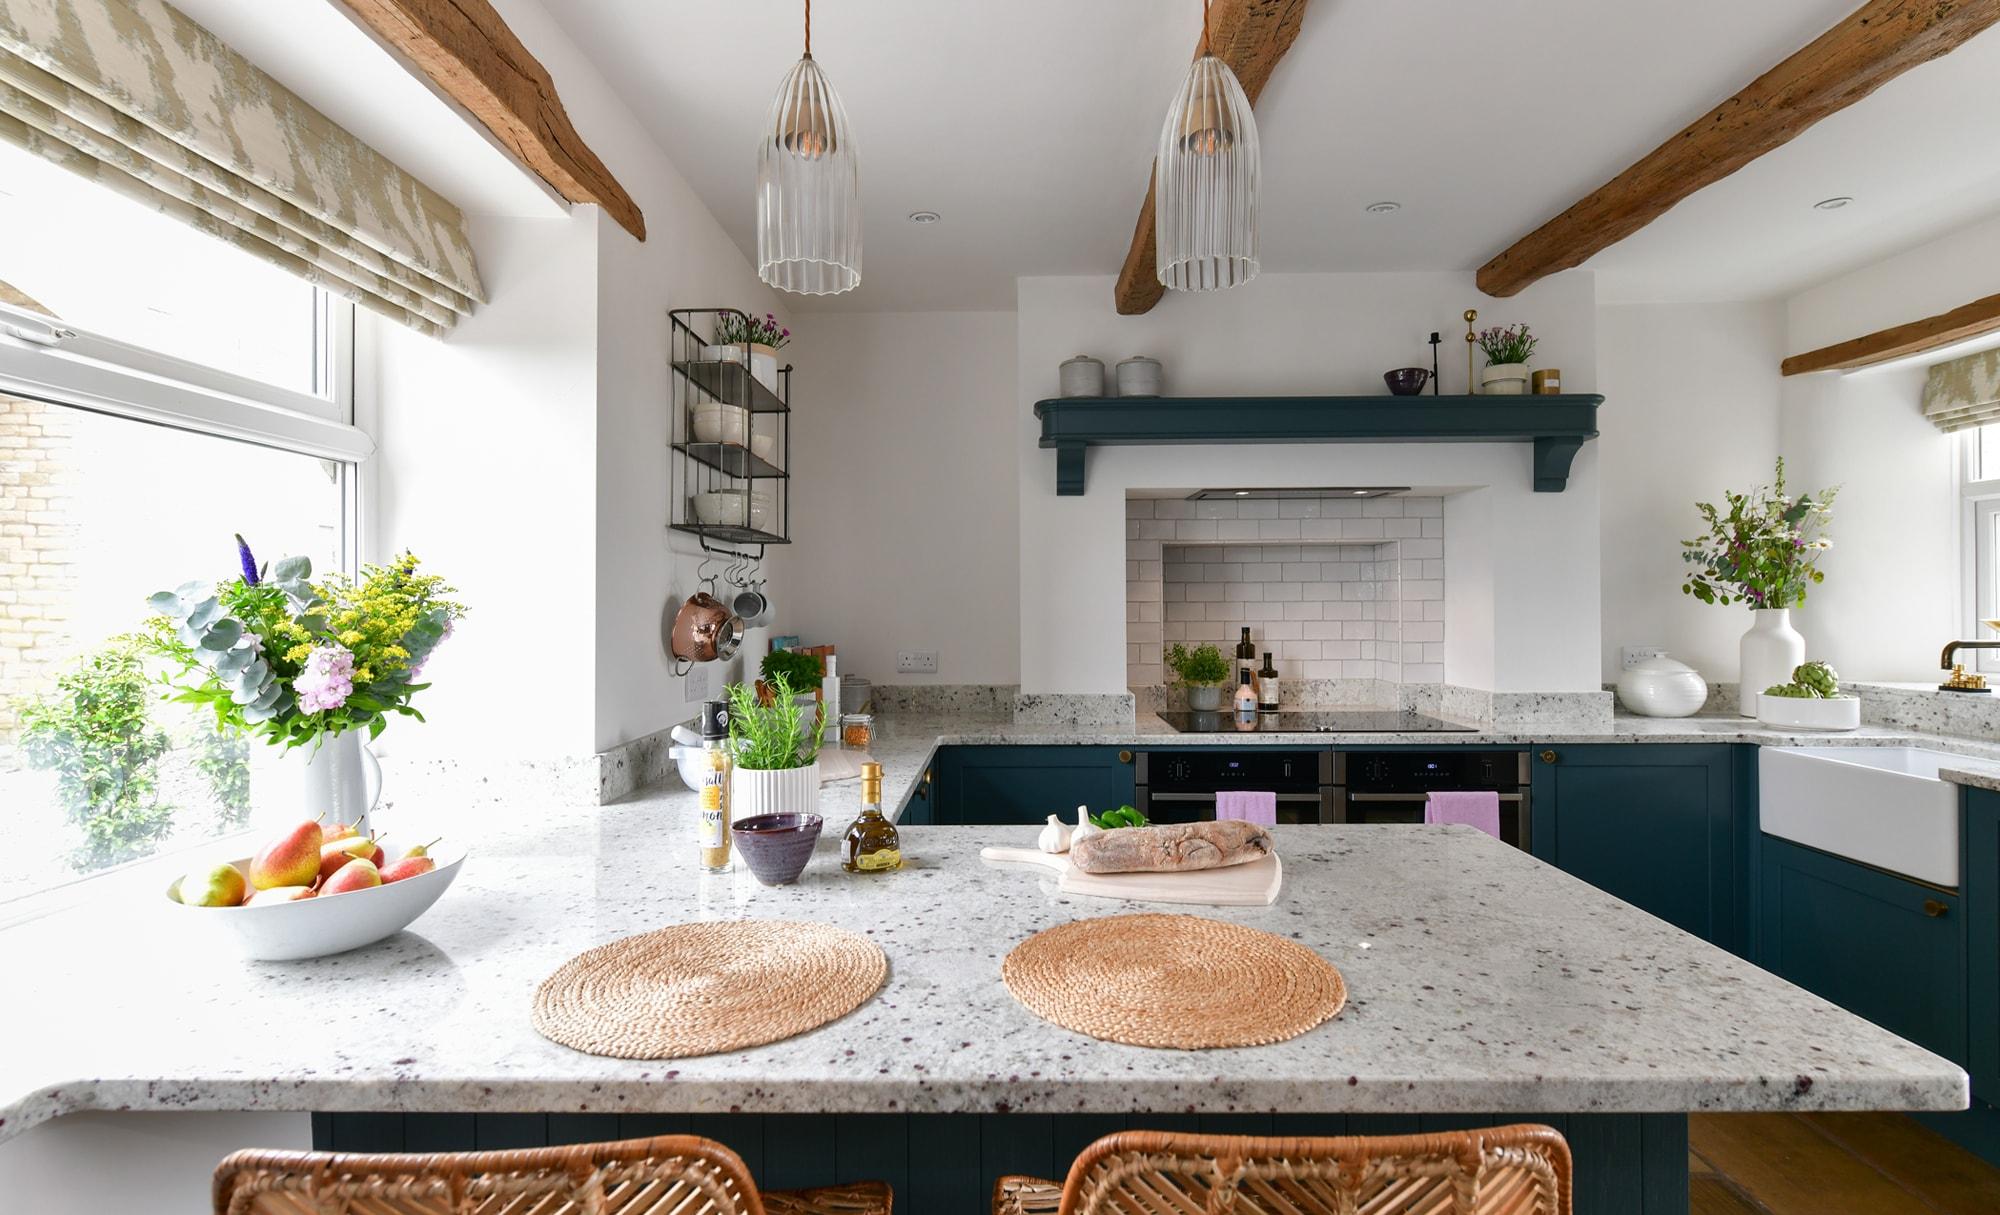 Richard & Richards Aldana Viridian Kitchen Dining